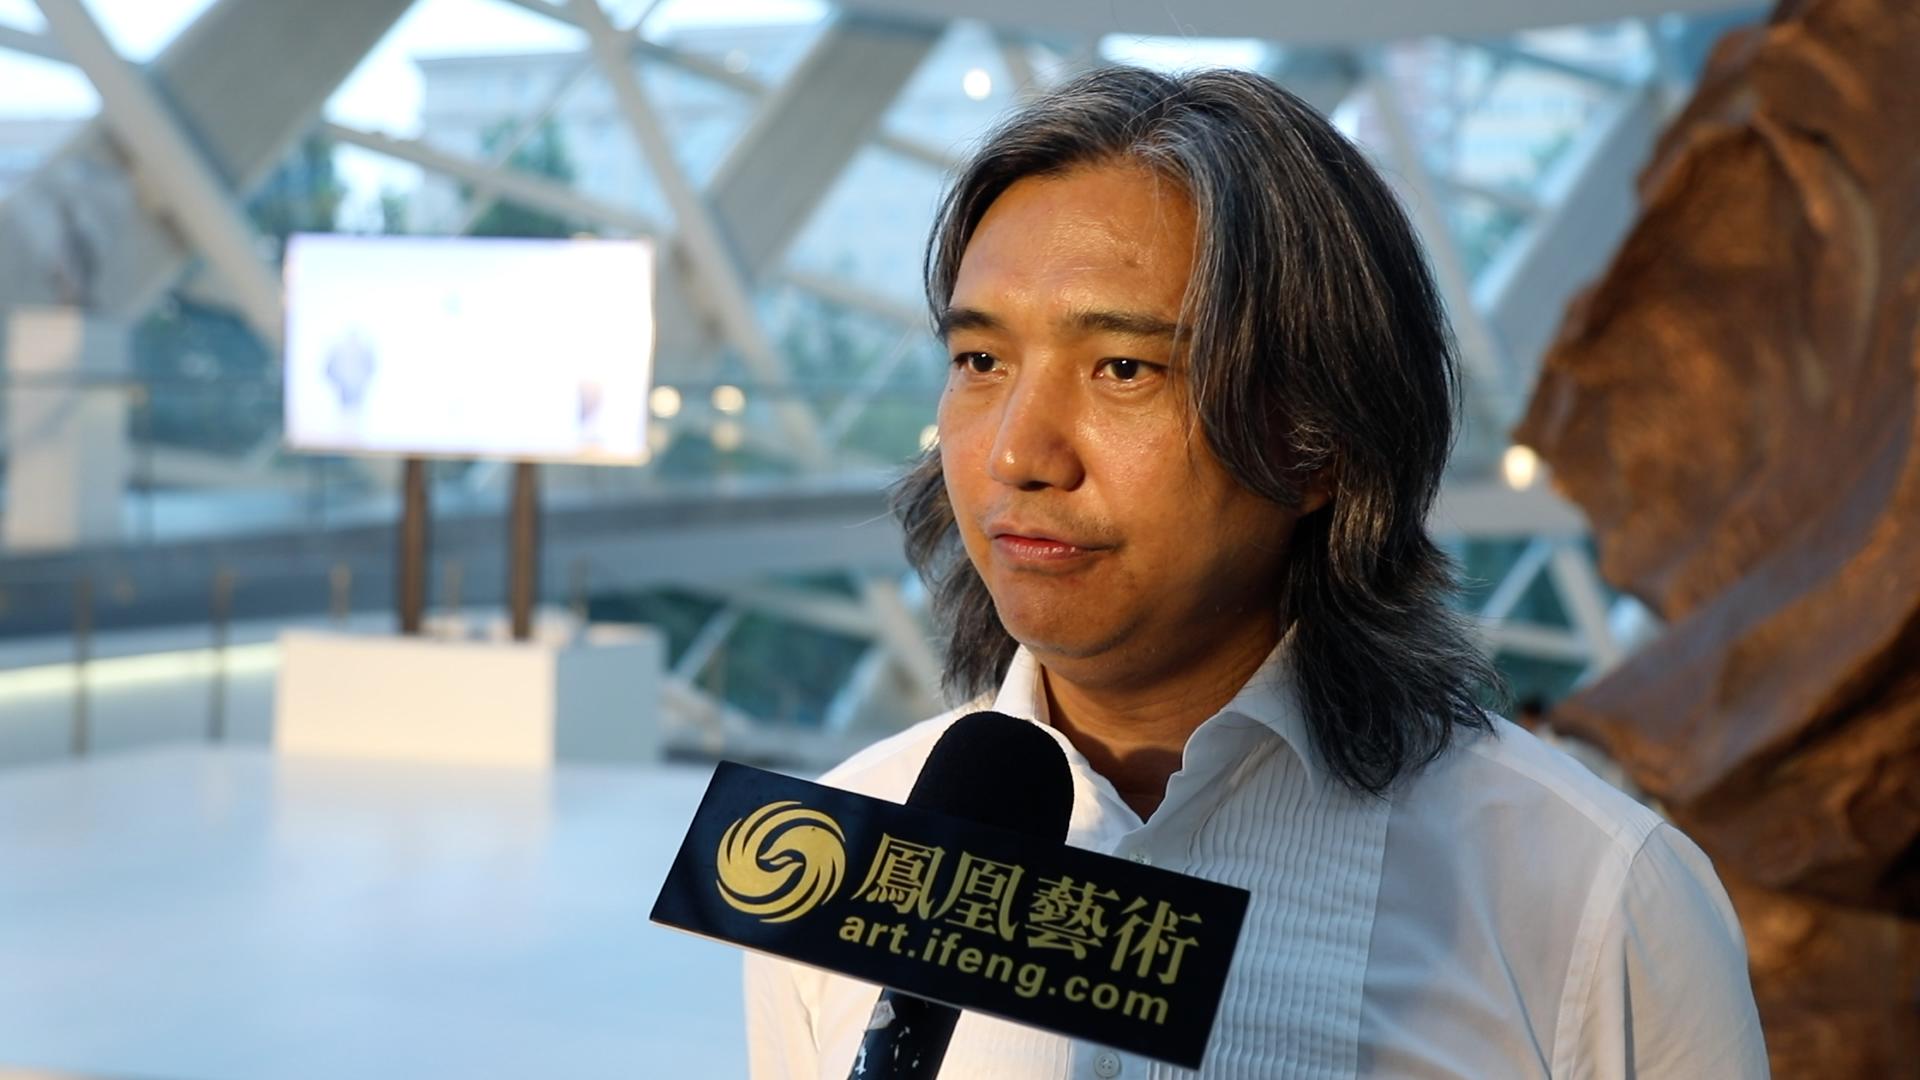 人类共同命运体的人文对话丨吴为山雕塑展于凤凰中心举办